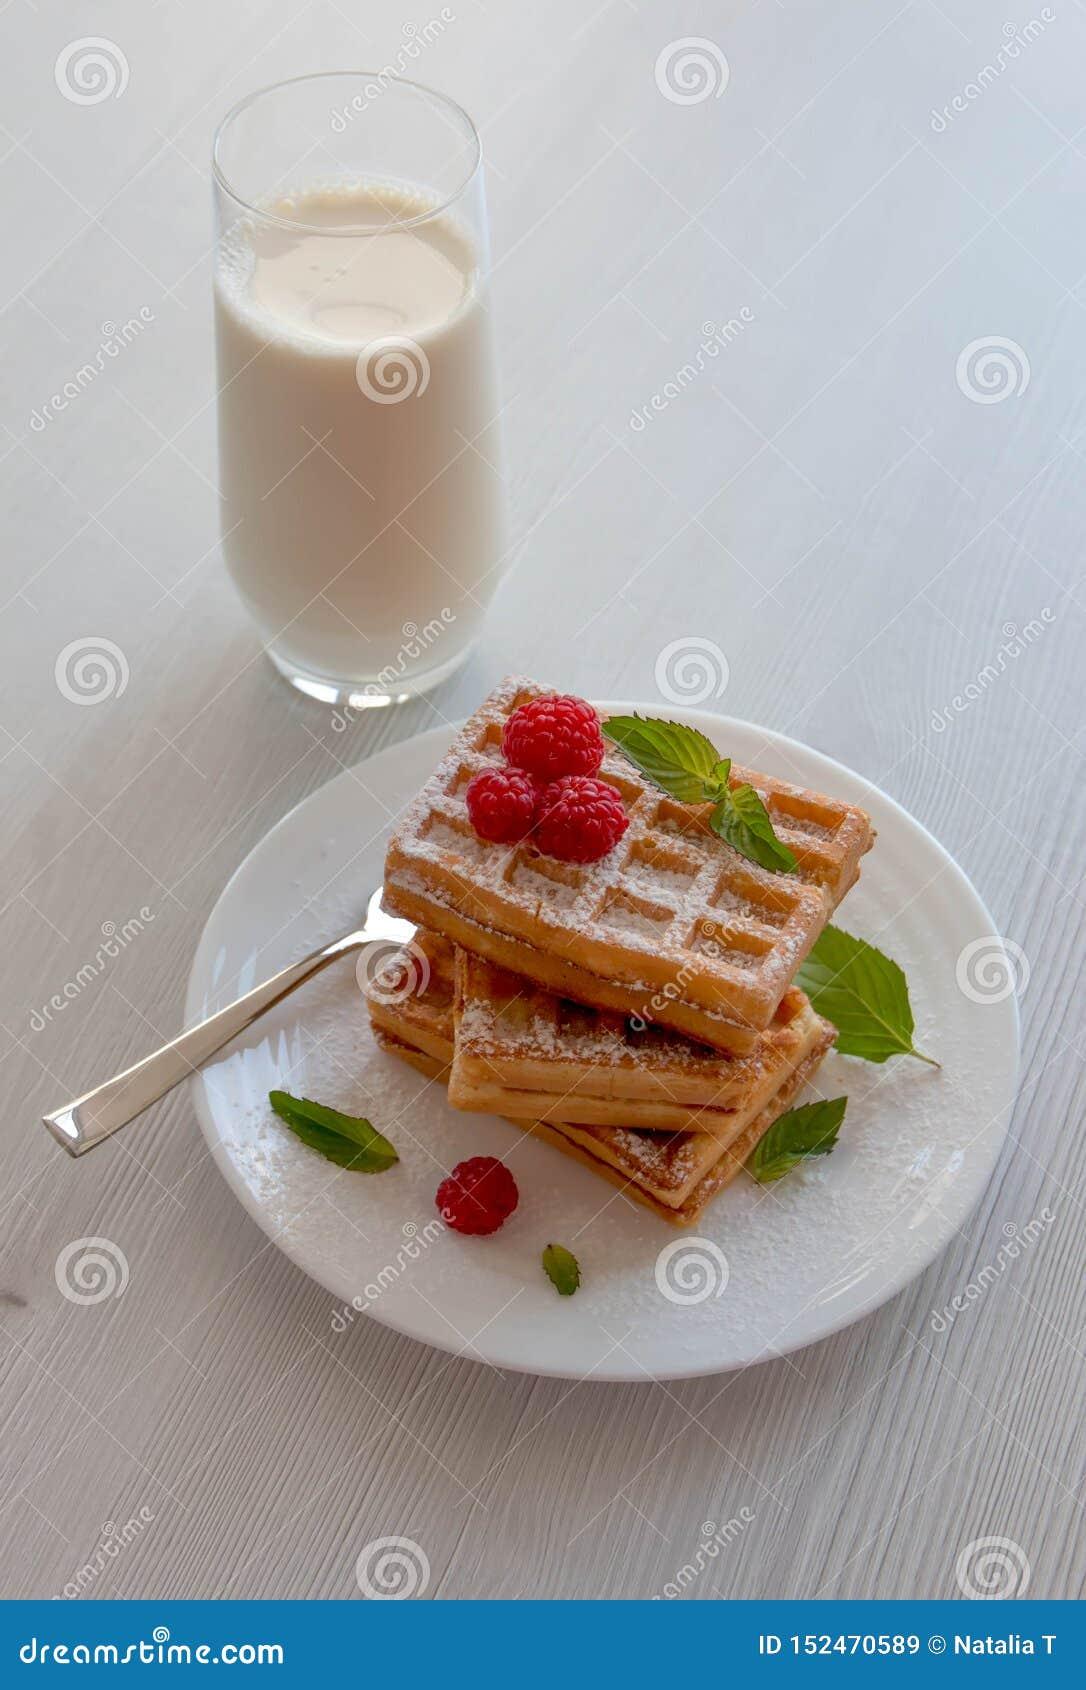 Μαλακές βάφλες με τα σμέουρα και ένα ποτήρι του γάλακτος, σε ένα άσπρο υπόβαθρο